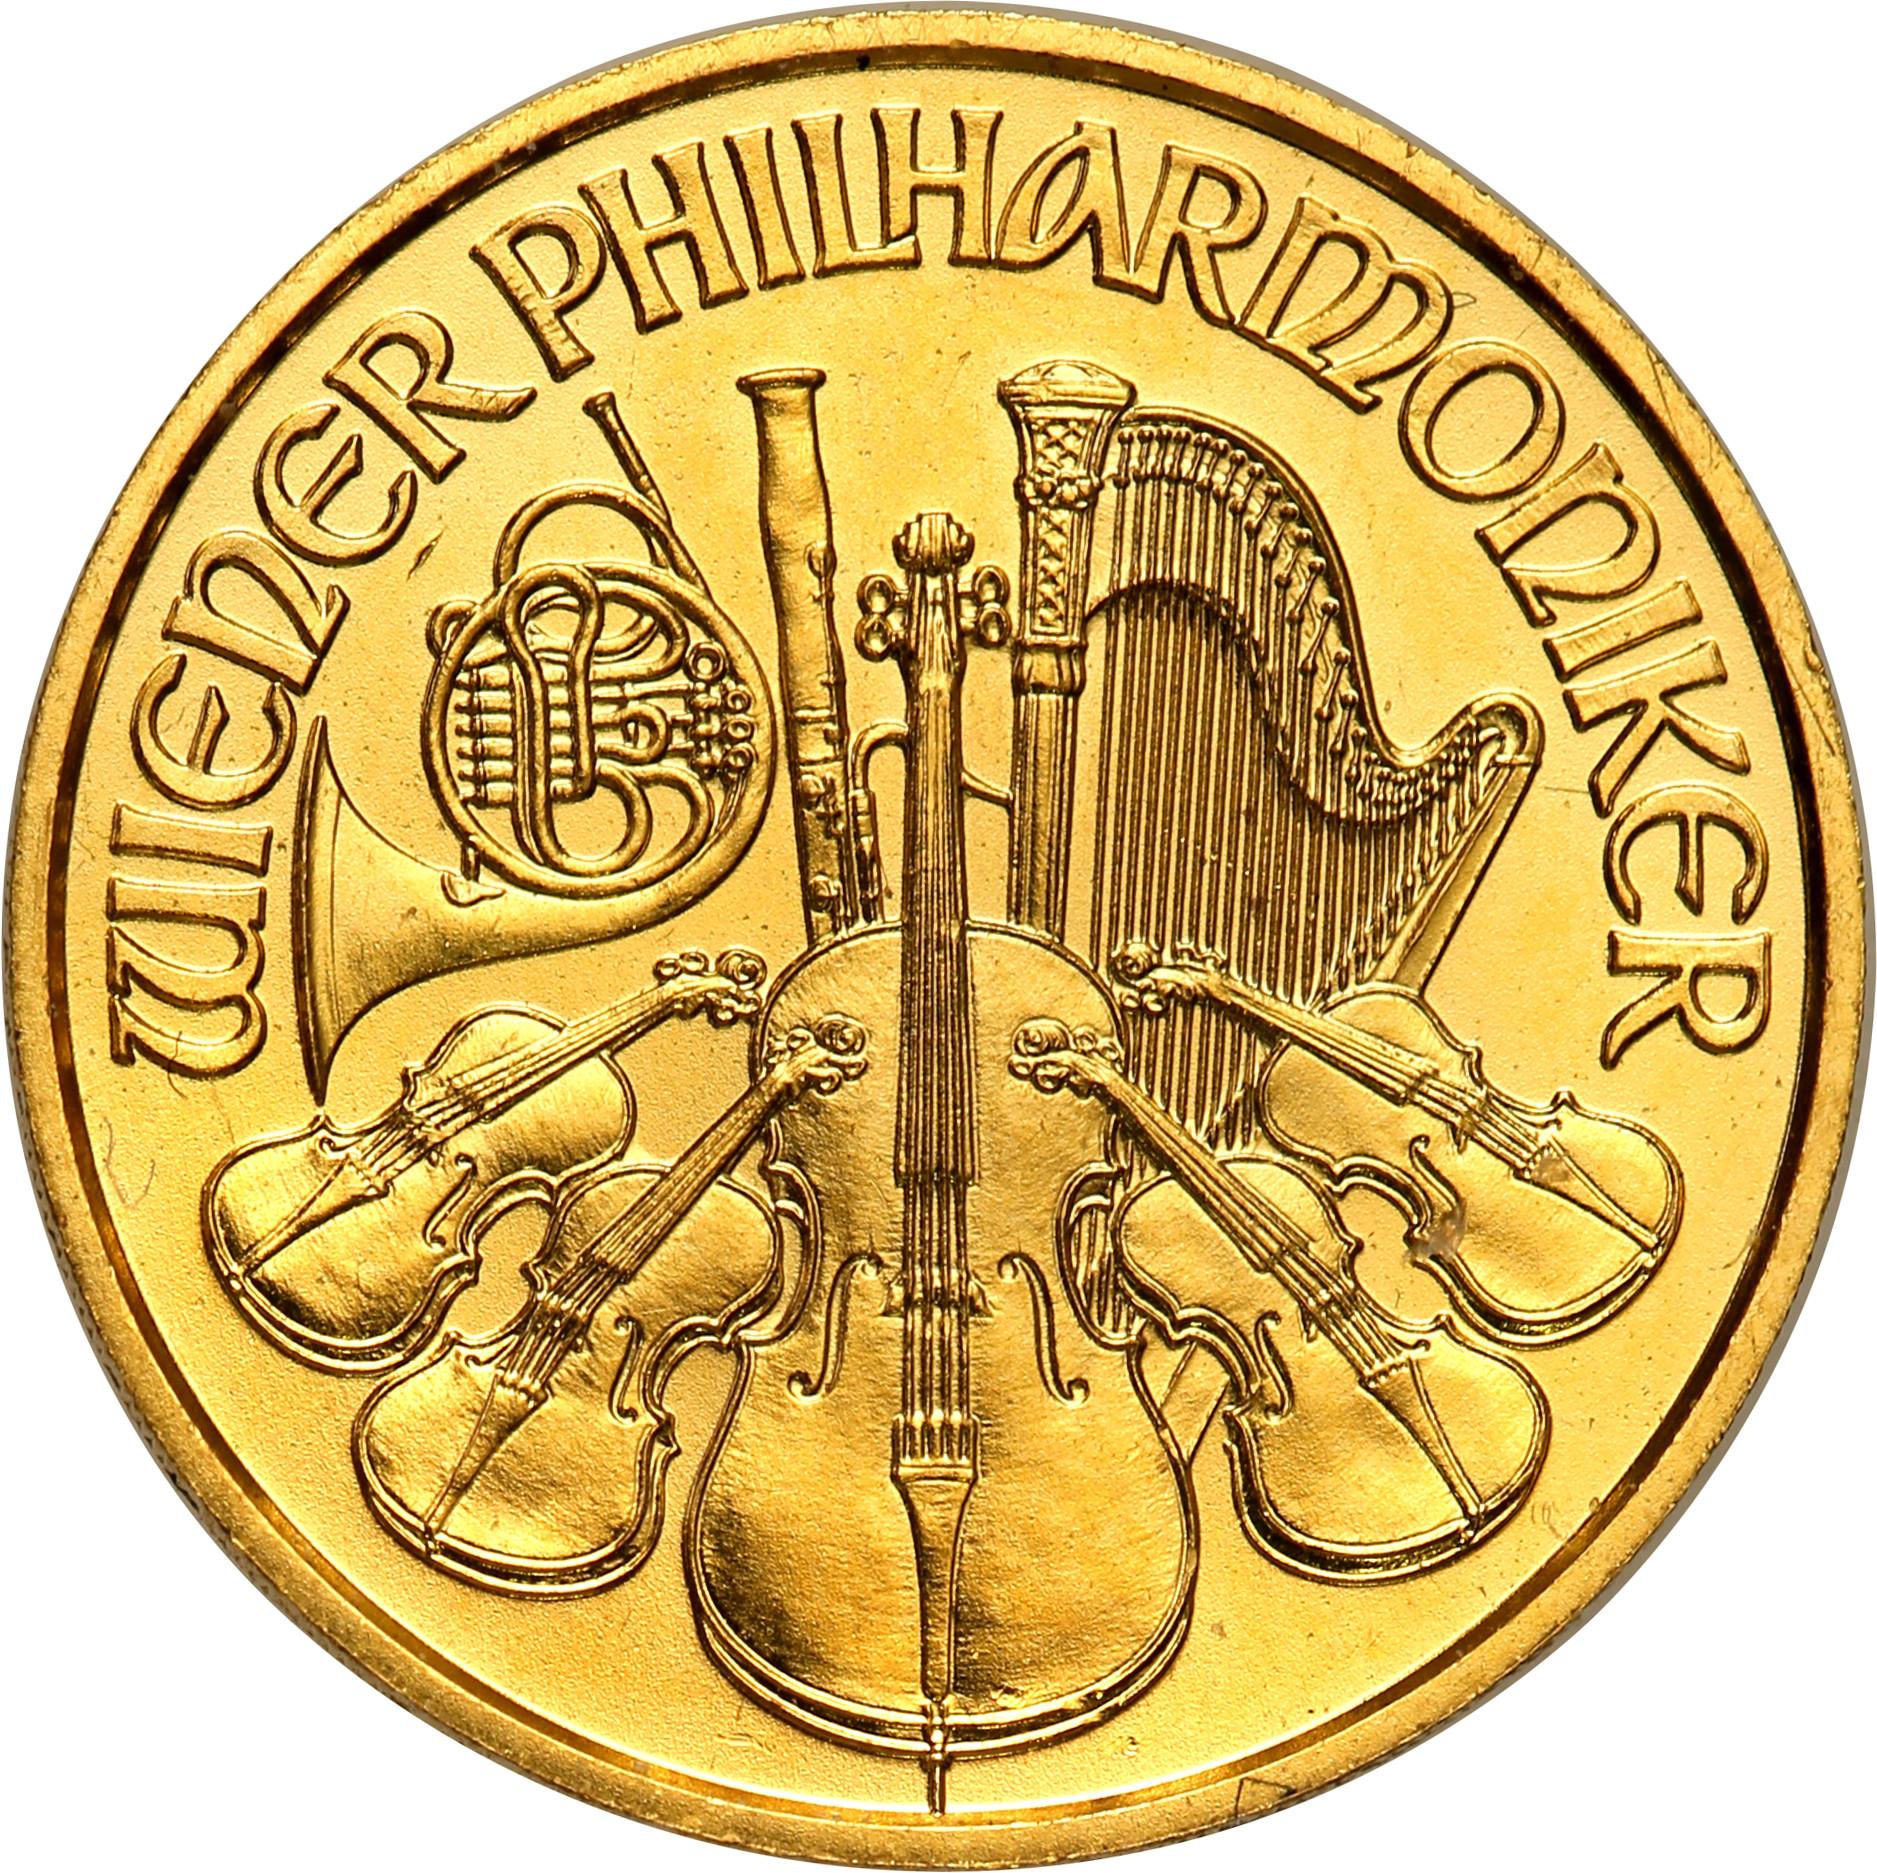 Austria. 10 euro 2020 Filharmonicy (1/10 uncji złota) st.1